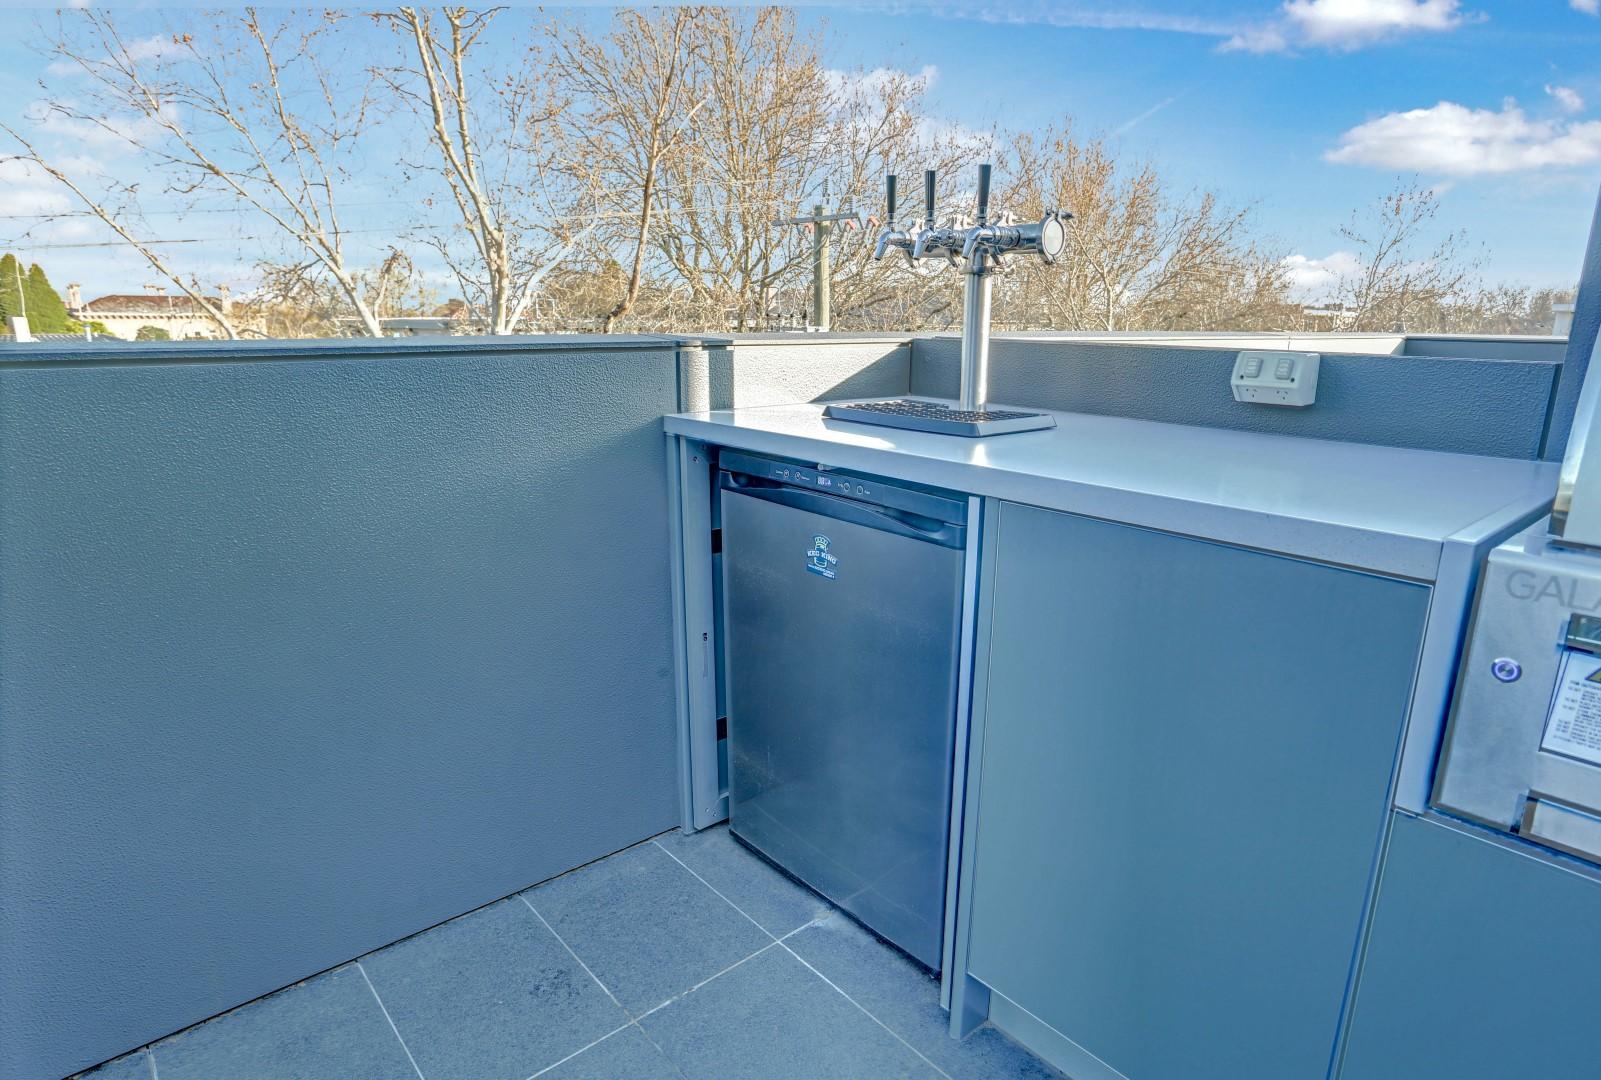 Gasmate 6 BNR BBQ Ash Grey Corian Dove Outdoor Kitchen LR5